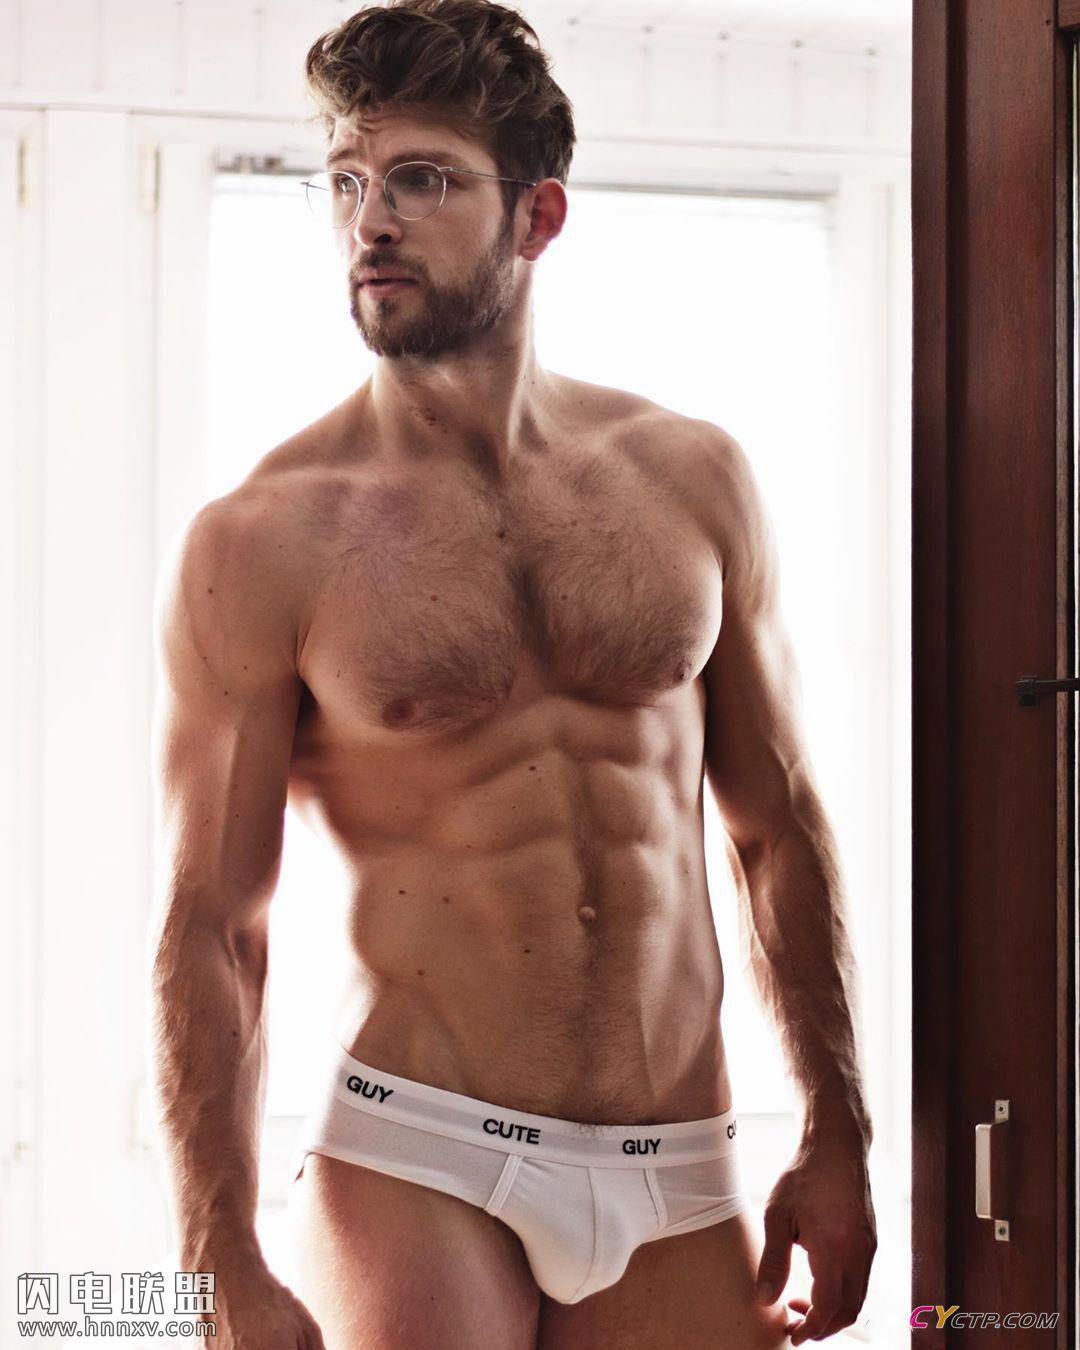 性感欧美肌肉型男展现完美腹肌写真图片